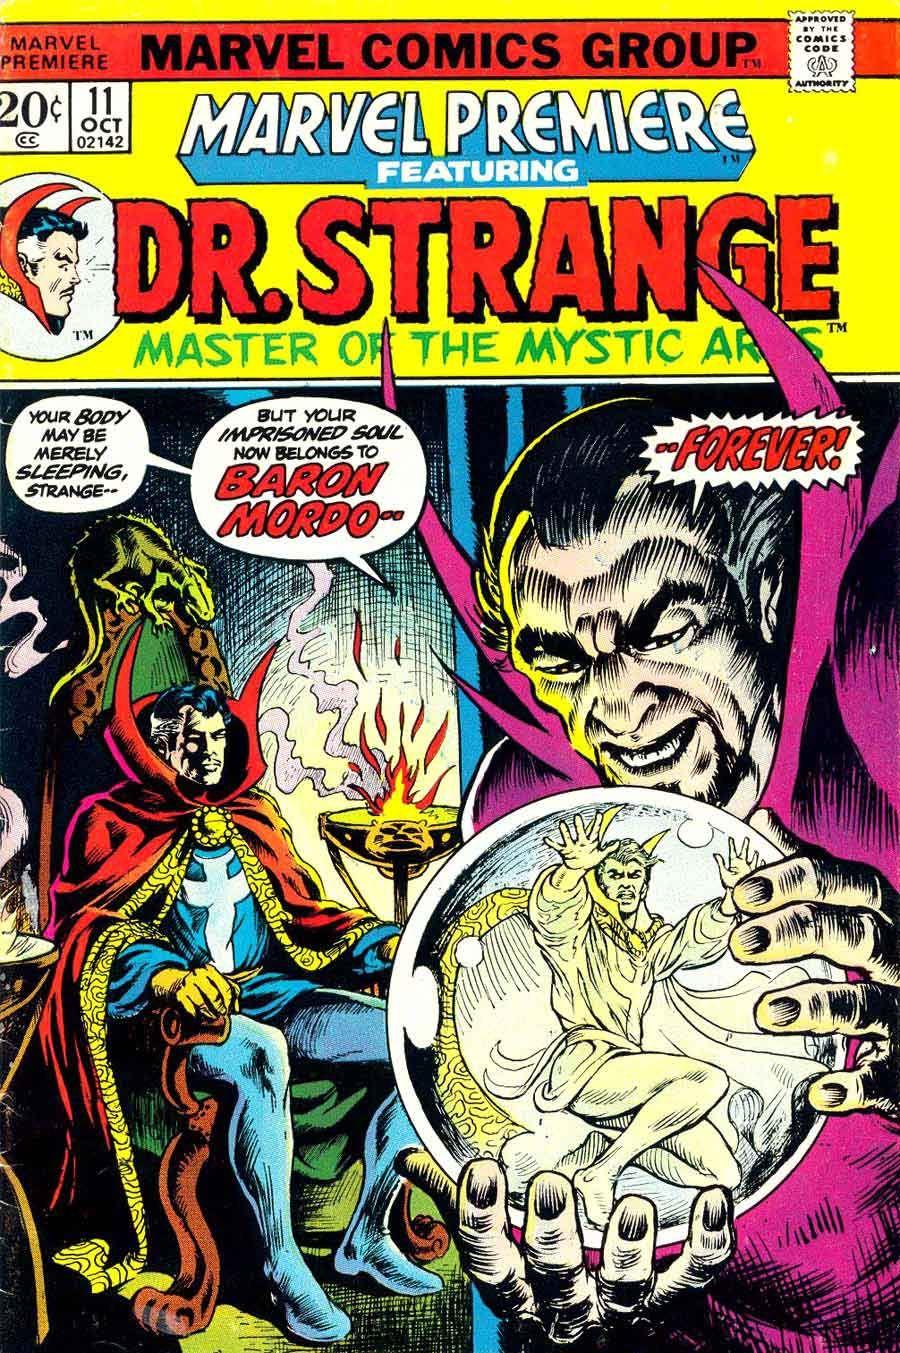 dr. strange covers   ... 11 / Doctor Strange - Frank Brunner art & cover, Steve Ditko reprint